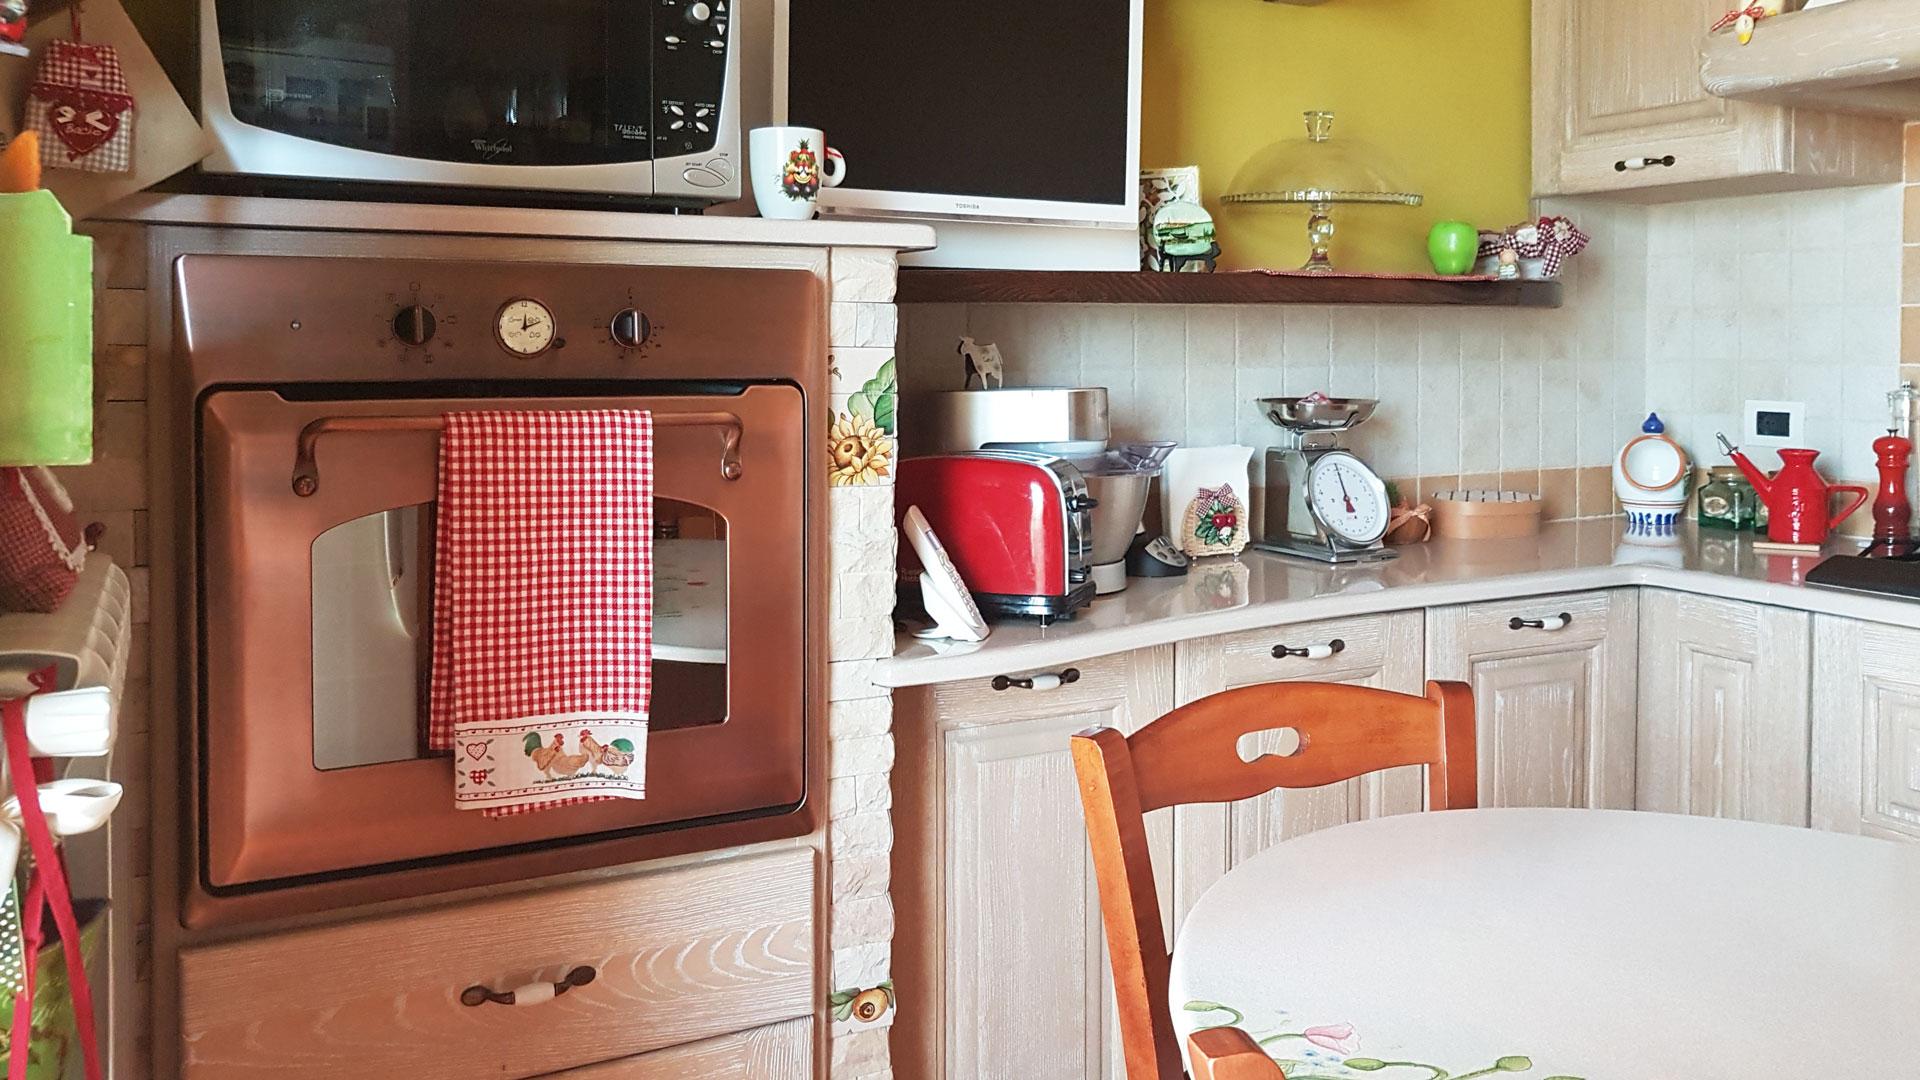 Forno Cucina In Muratura cucine in finta muratura modello messina | artesole